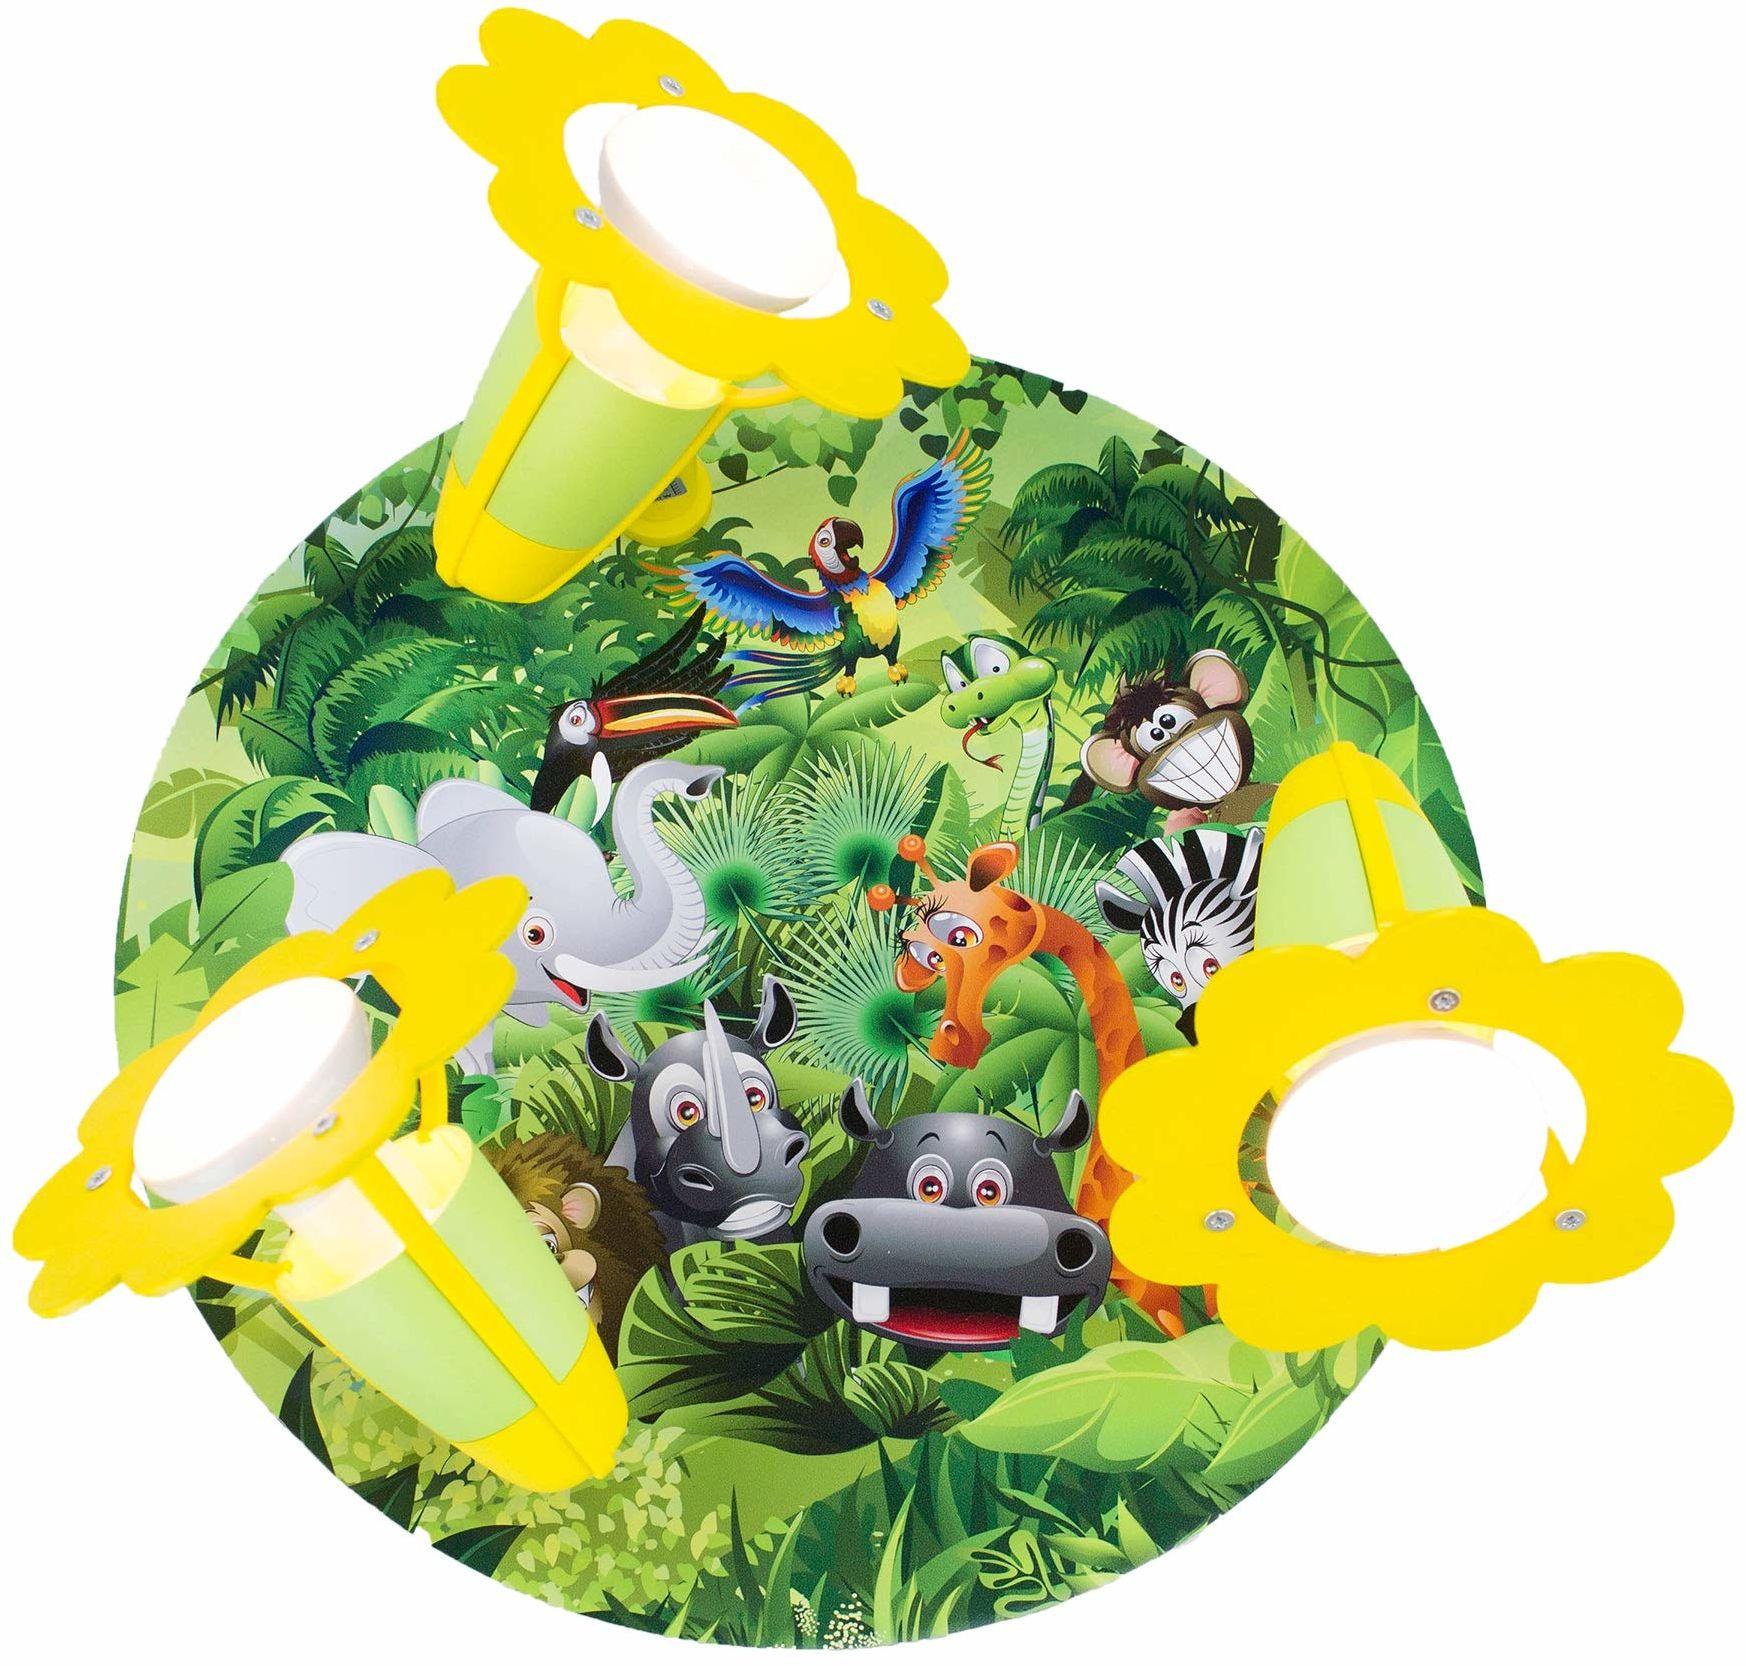 """Elobra Lampa do pokoju dziecięcego """"Rondell Wildnis"""" słodka lampa sufitowa do pokoju dziecięcego, lampa dżungla, dla dziewcząt i chłopców, z prawdziwego drewna, wyprodukowana w Niemczech"""